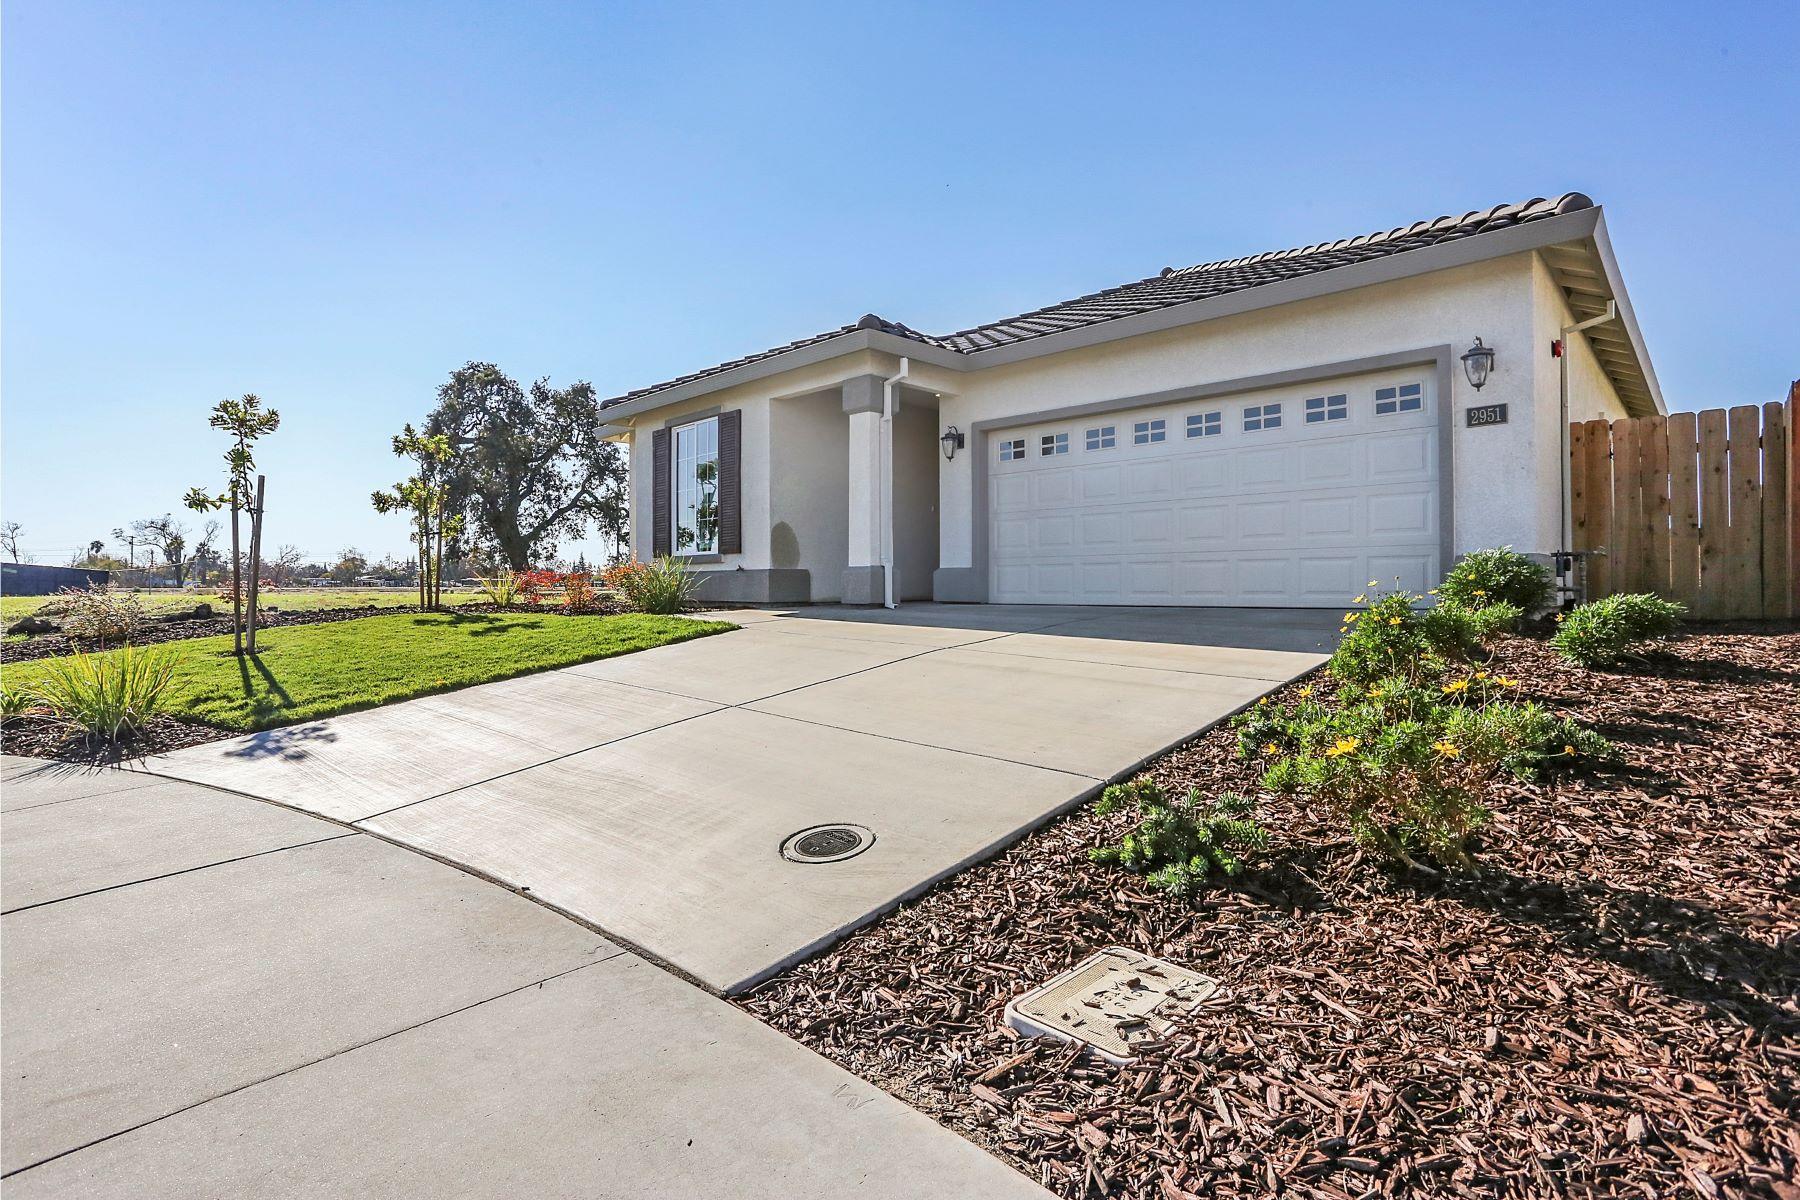 独户住宅 为 销售 在 1912 Old Oak Drive, Stockton 斯托克顿市, 加利福尼亚州, 95206 美国